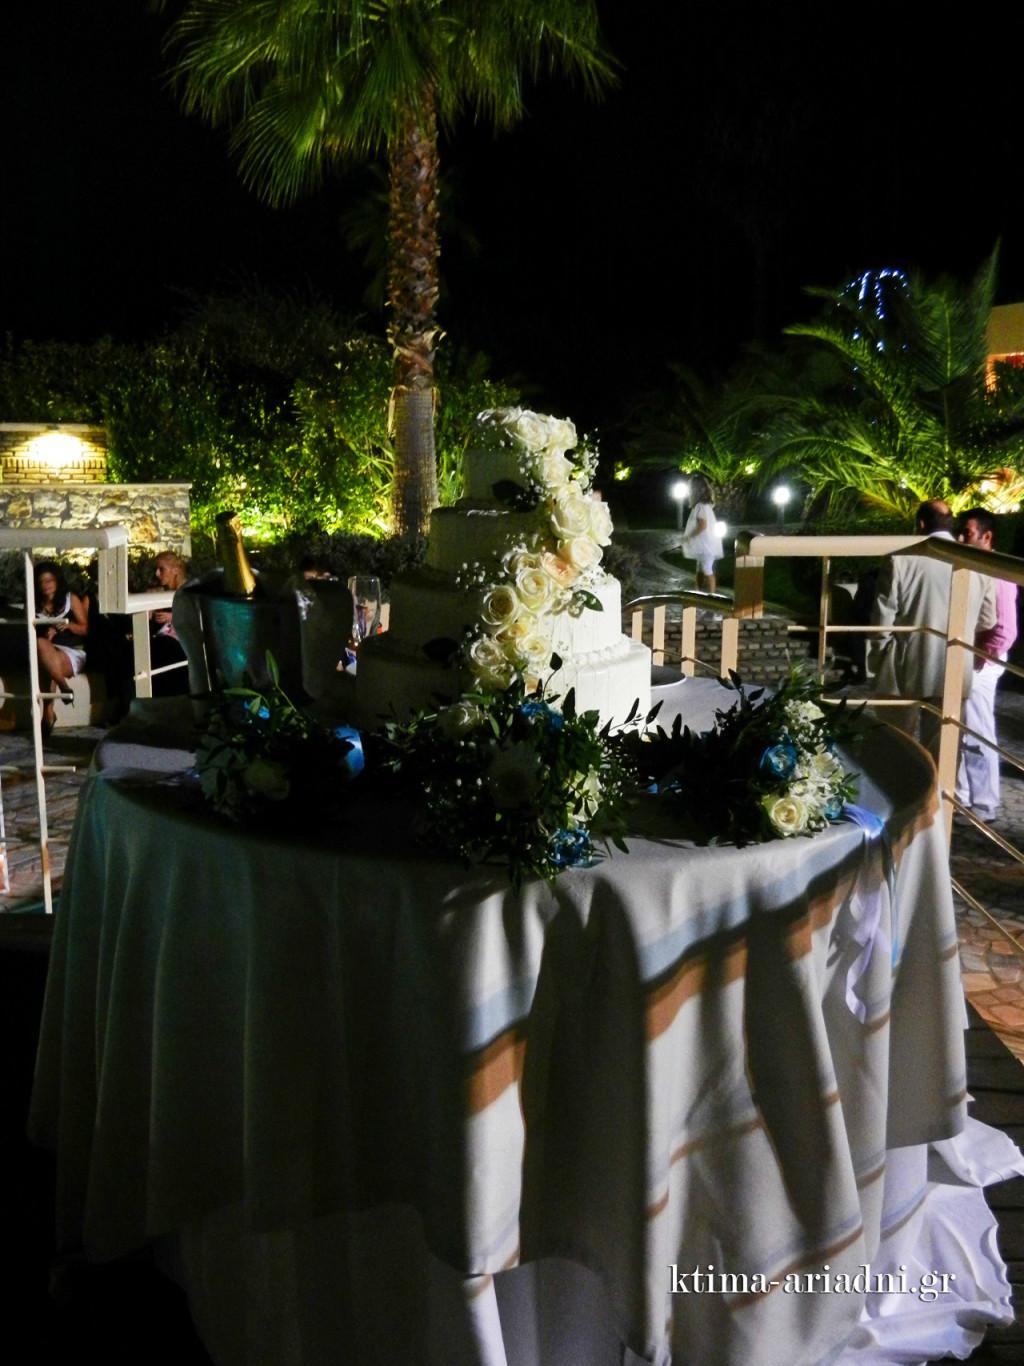 Η γαμήλια τούρτα είναι έτοιμη στη θέση της, πάνω στο γεφυράκι της πισίνας και οι καλεσμένοι αναμένουν την άφιξη του νιόπαντρου ζευγαριού και του μικρού Ηλία